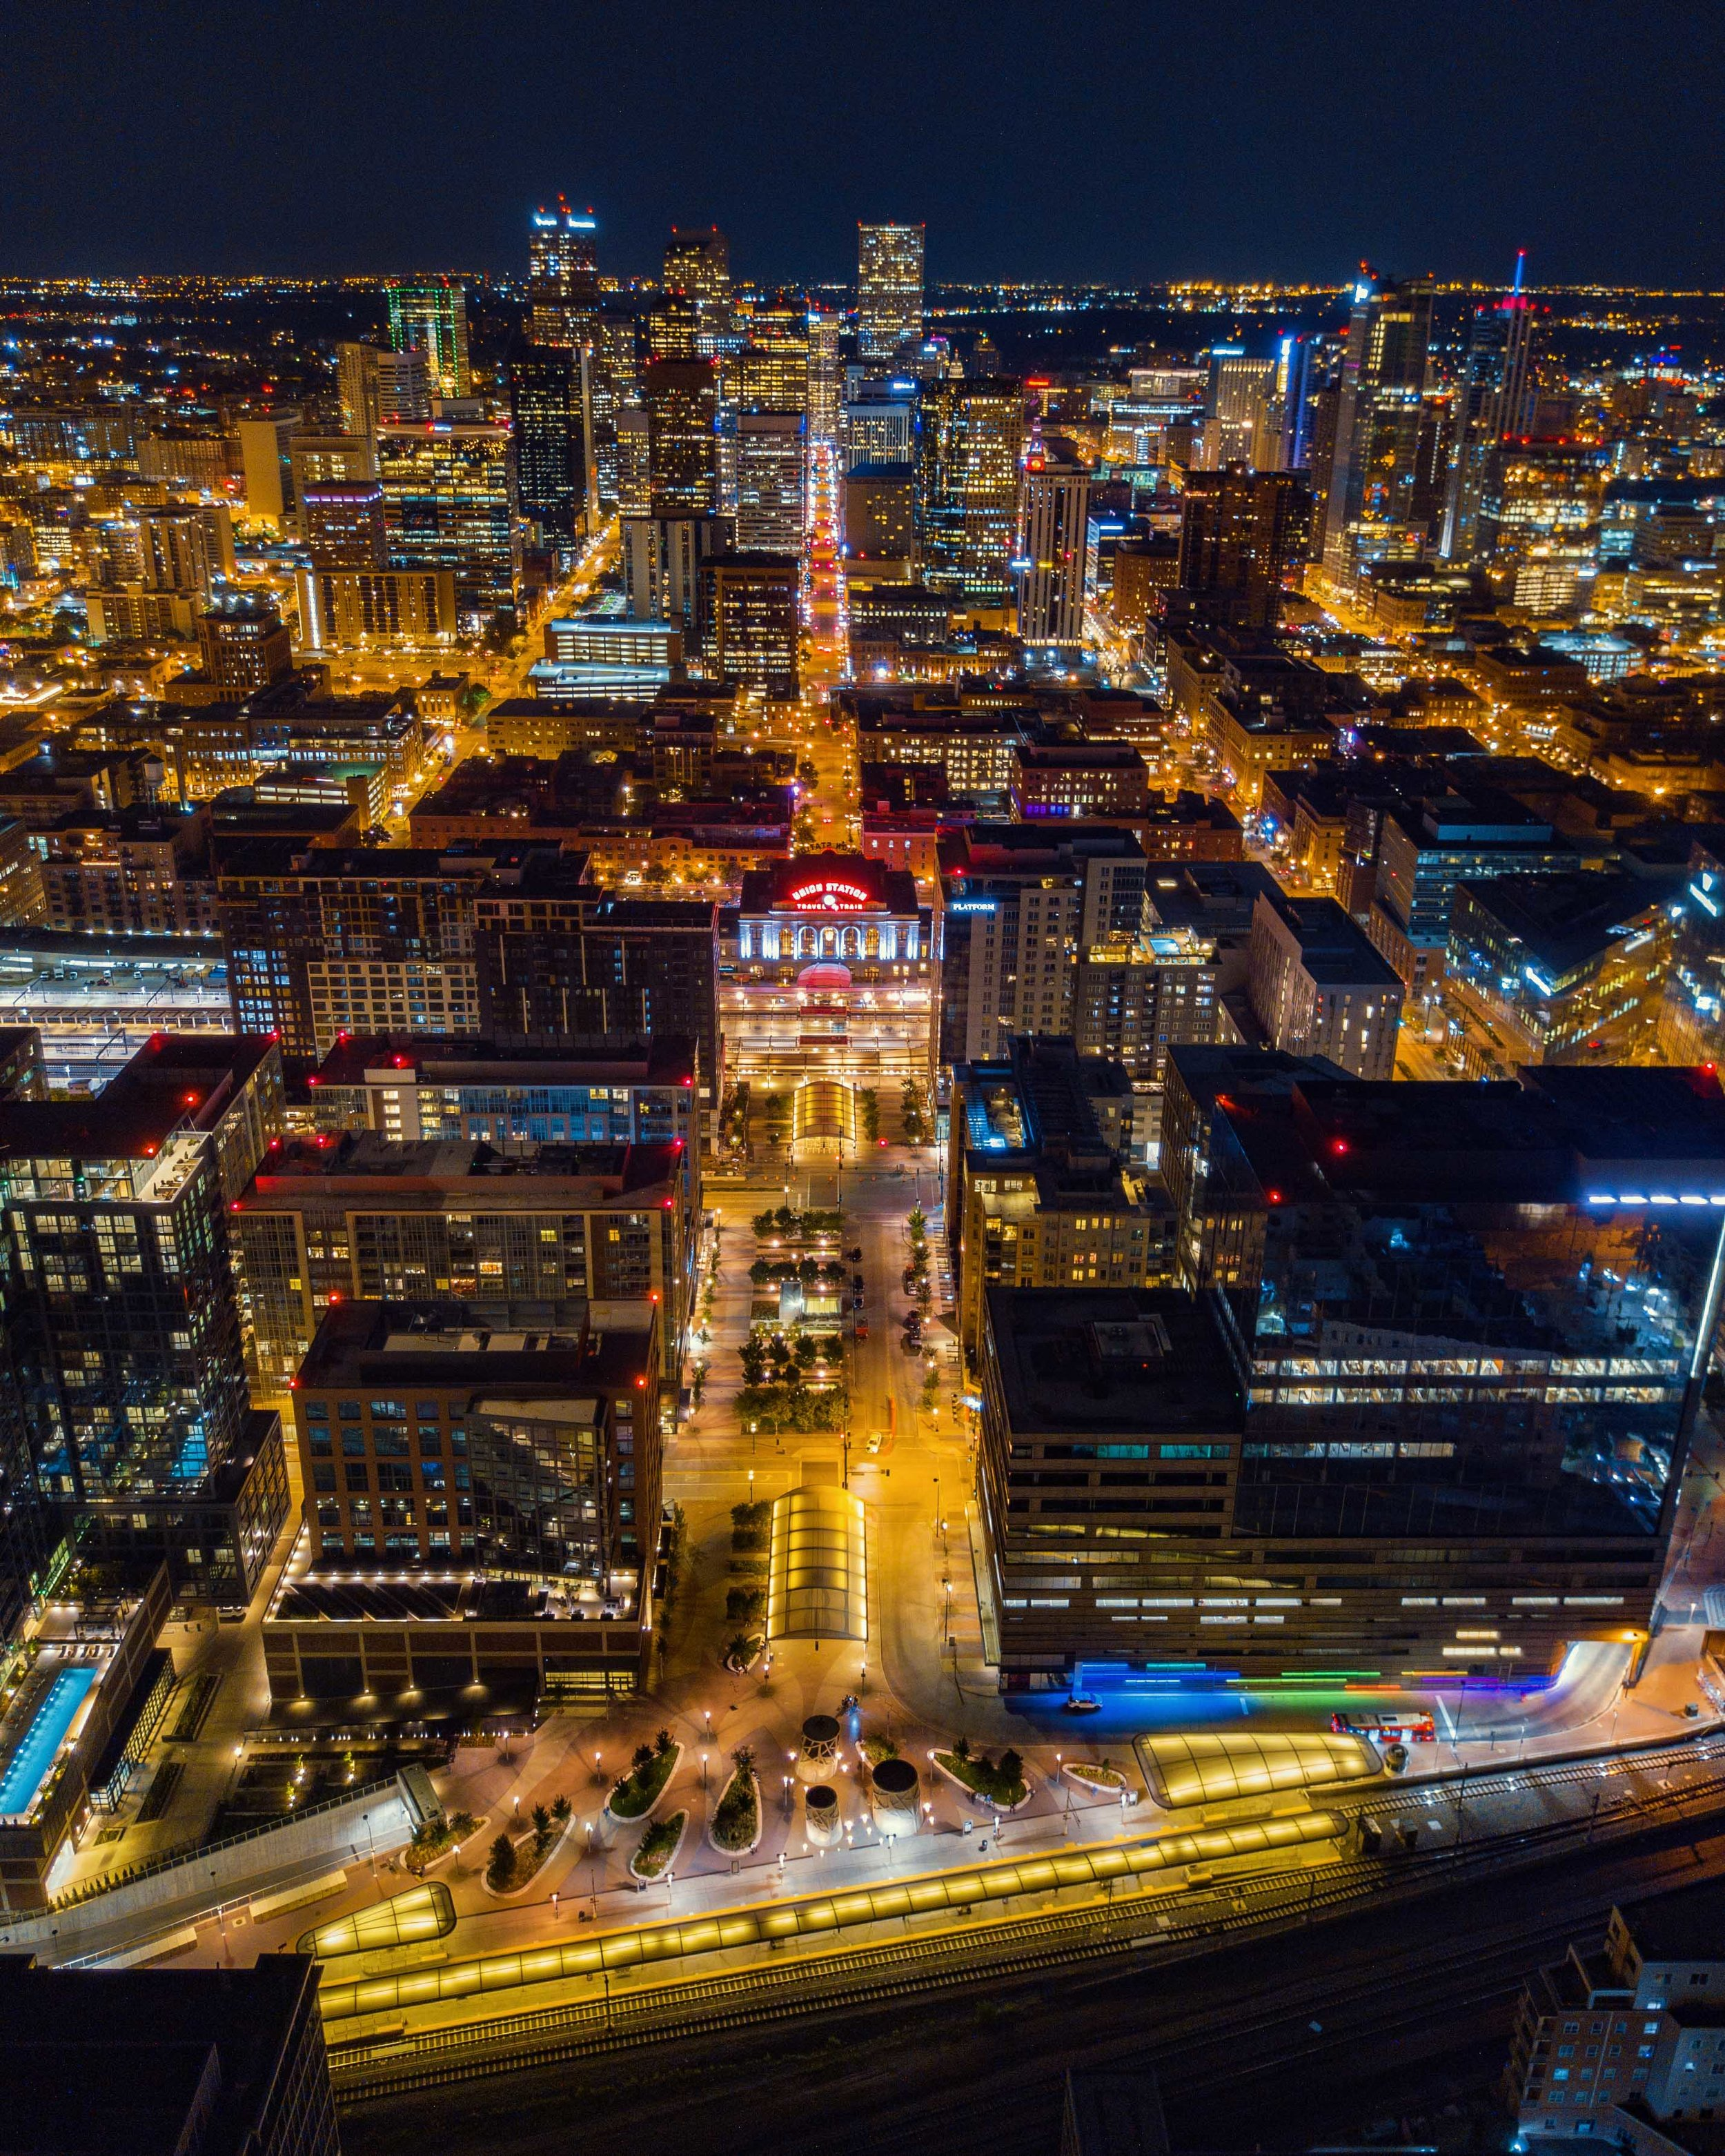 Union Station Denver Colorado Night Drone Aerial